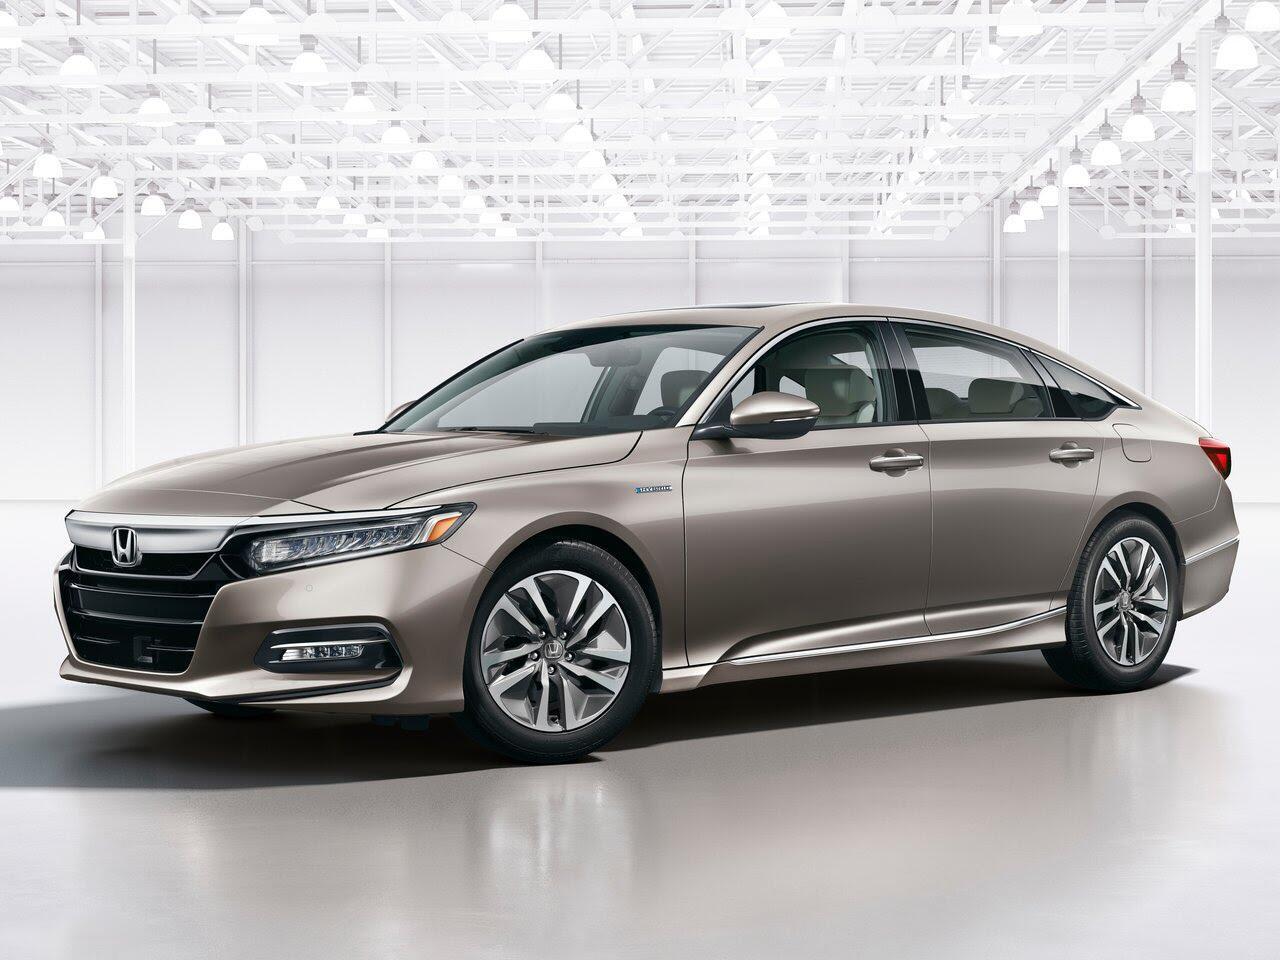 So sánh thông số kỹ thuật Honda Accord 2018 và Toyota Camry 2018 - Hình 1